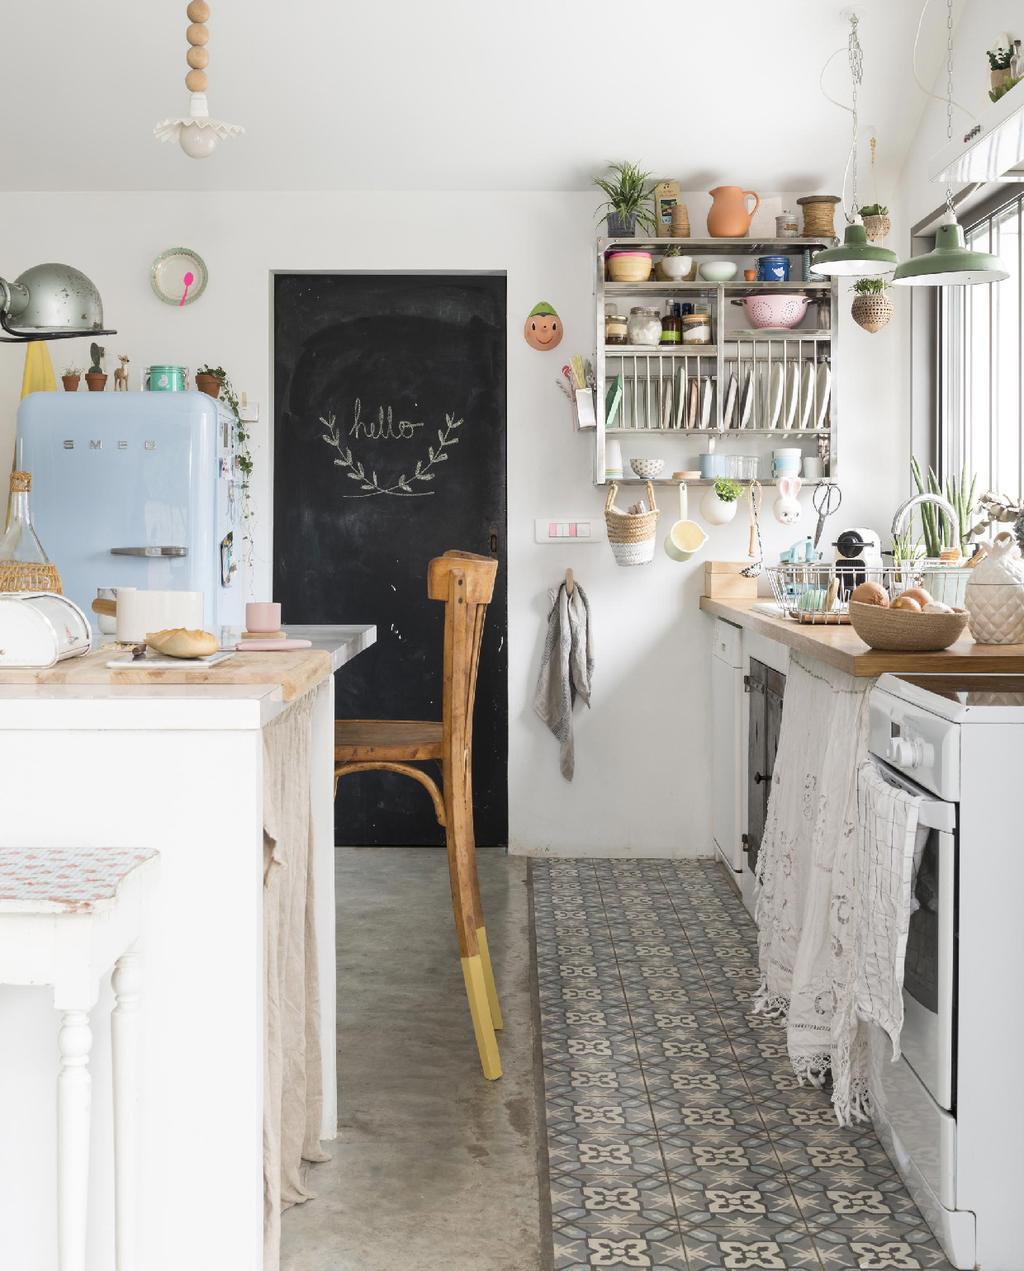 vtwonen 09-2015 | binnenkijken biarritz keuken met stoel met geverfde poot